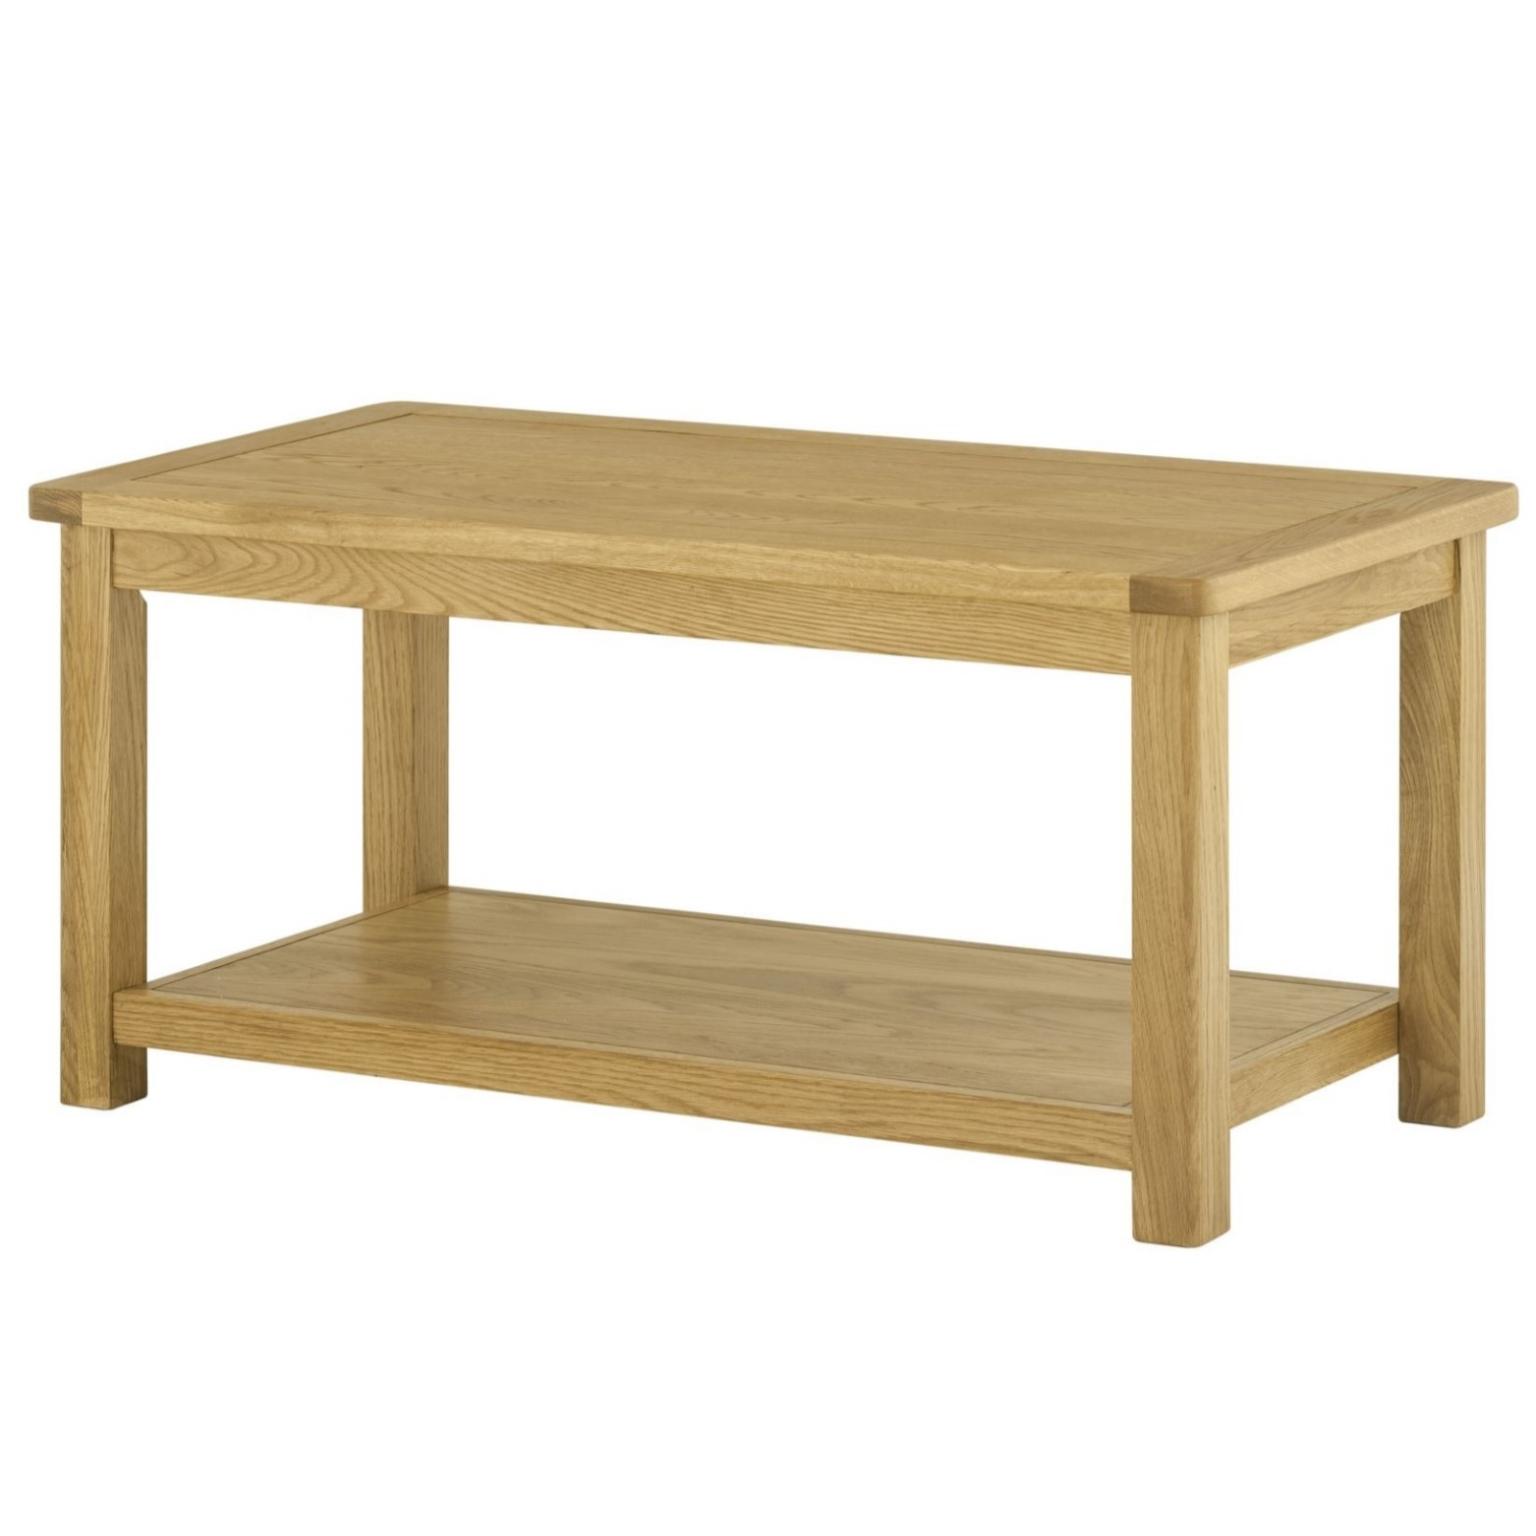 Cotswold Coffee Table - Oak